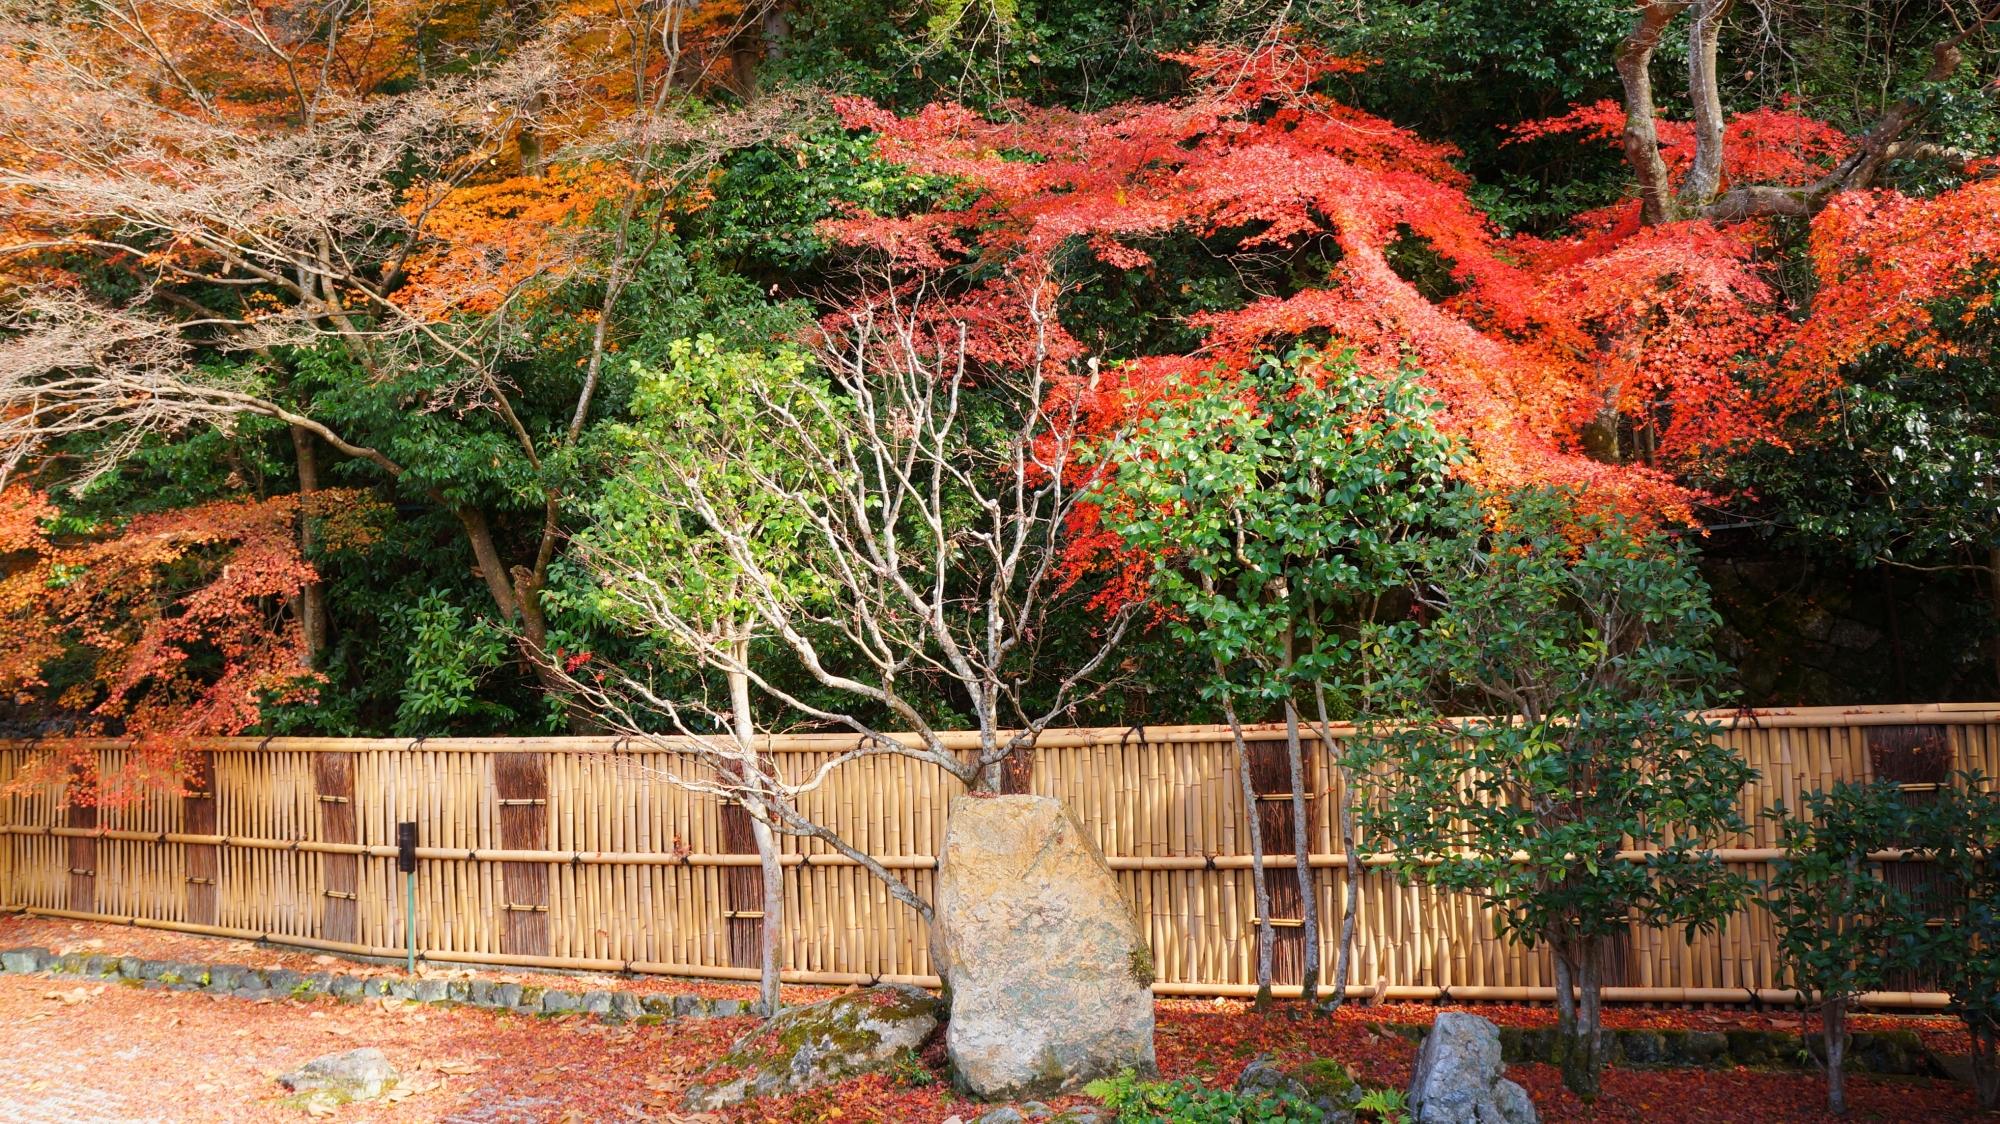 南禅寺垣を華やぐ紅葉と散りもみじ